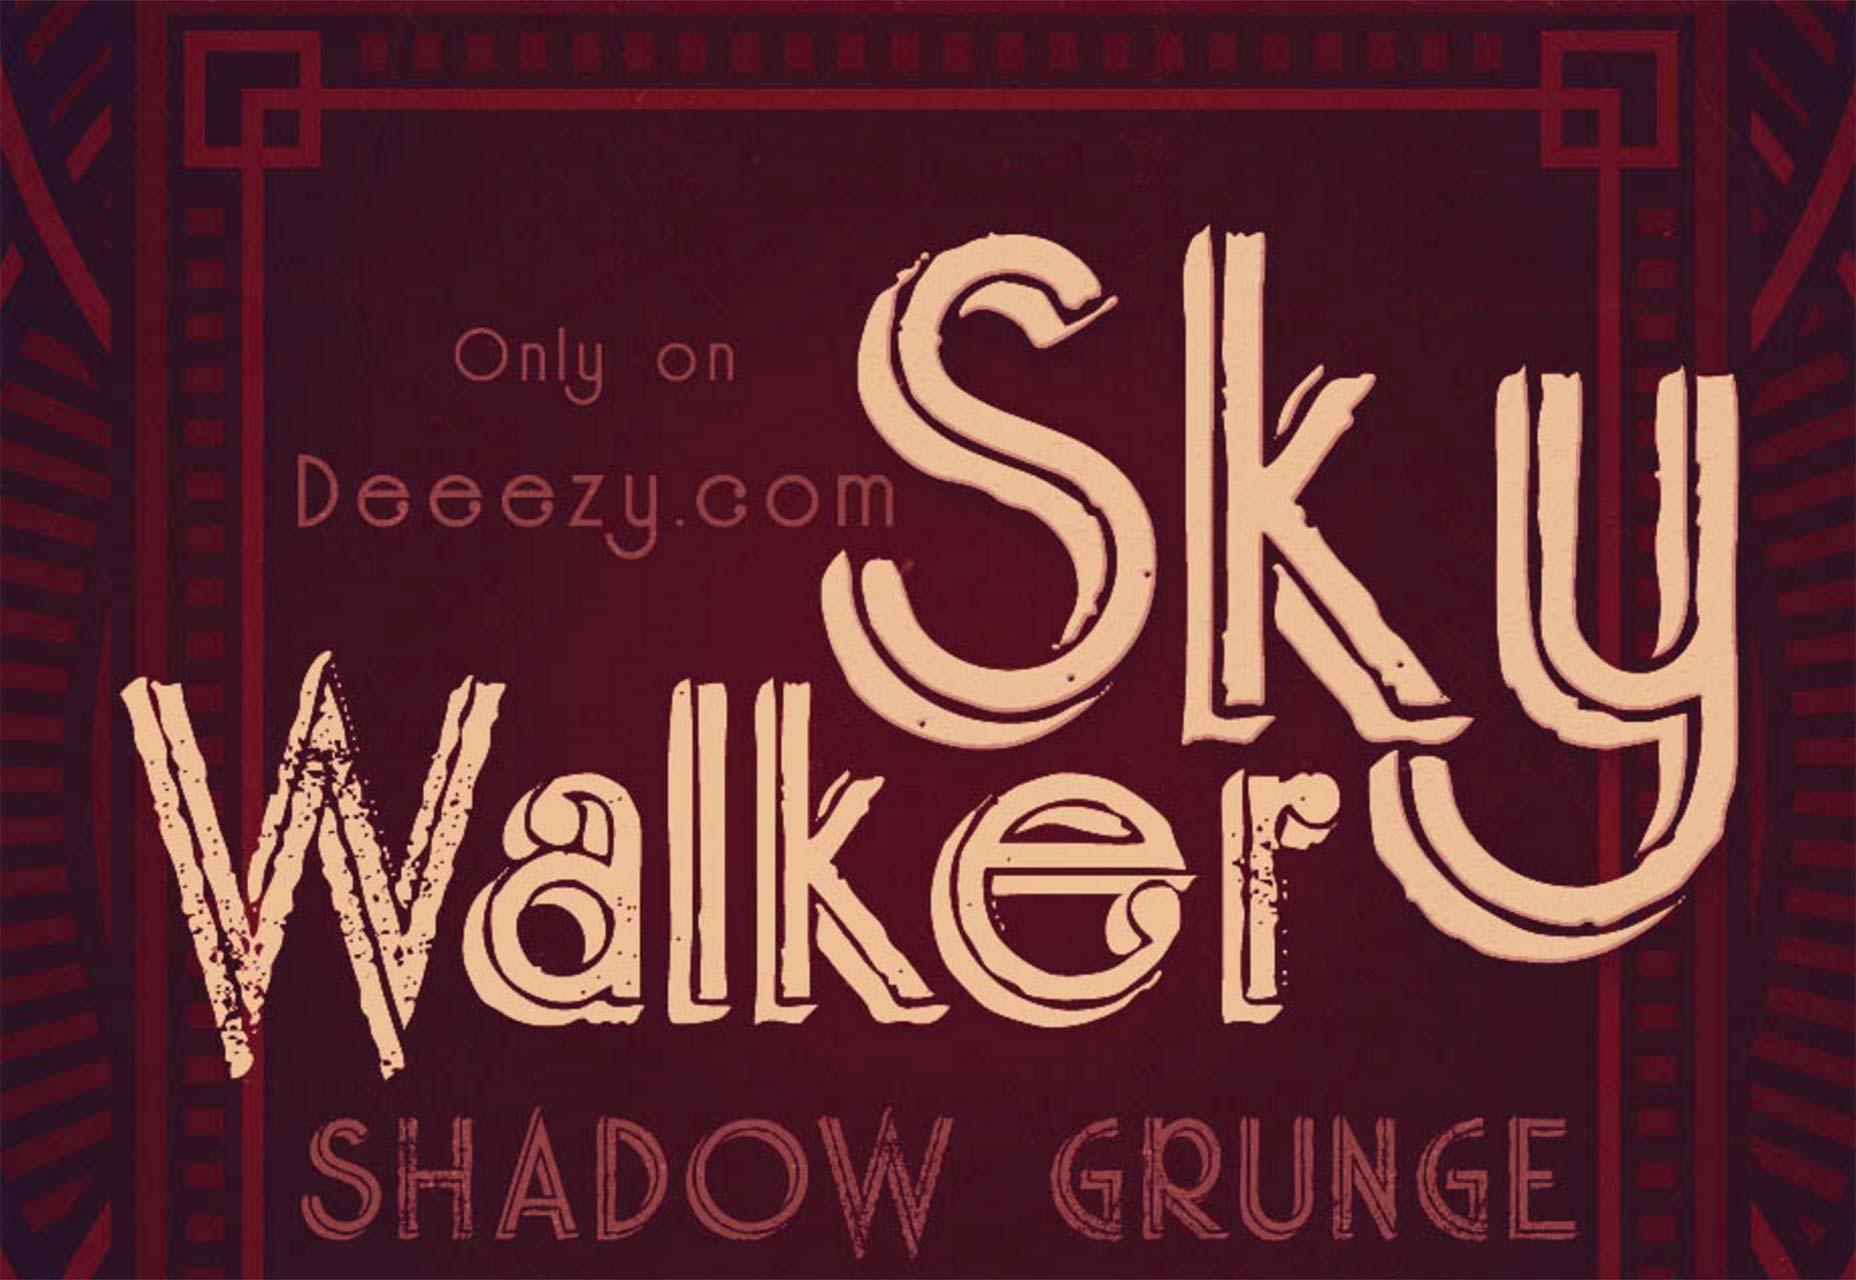 09skywalker